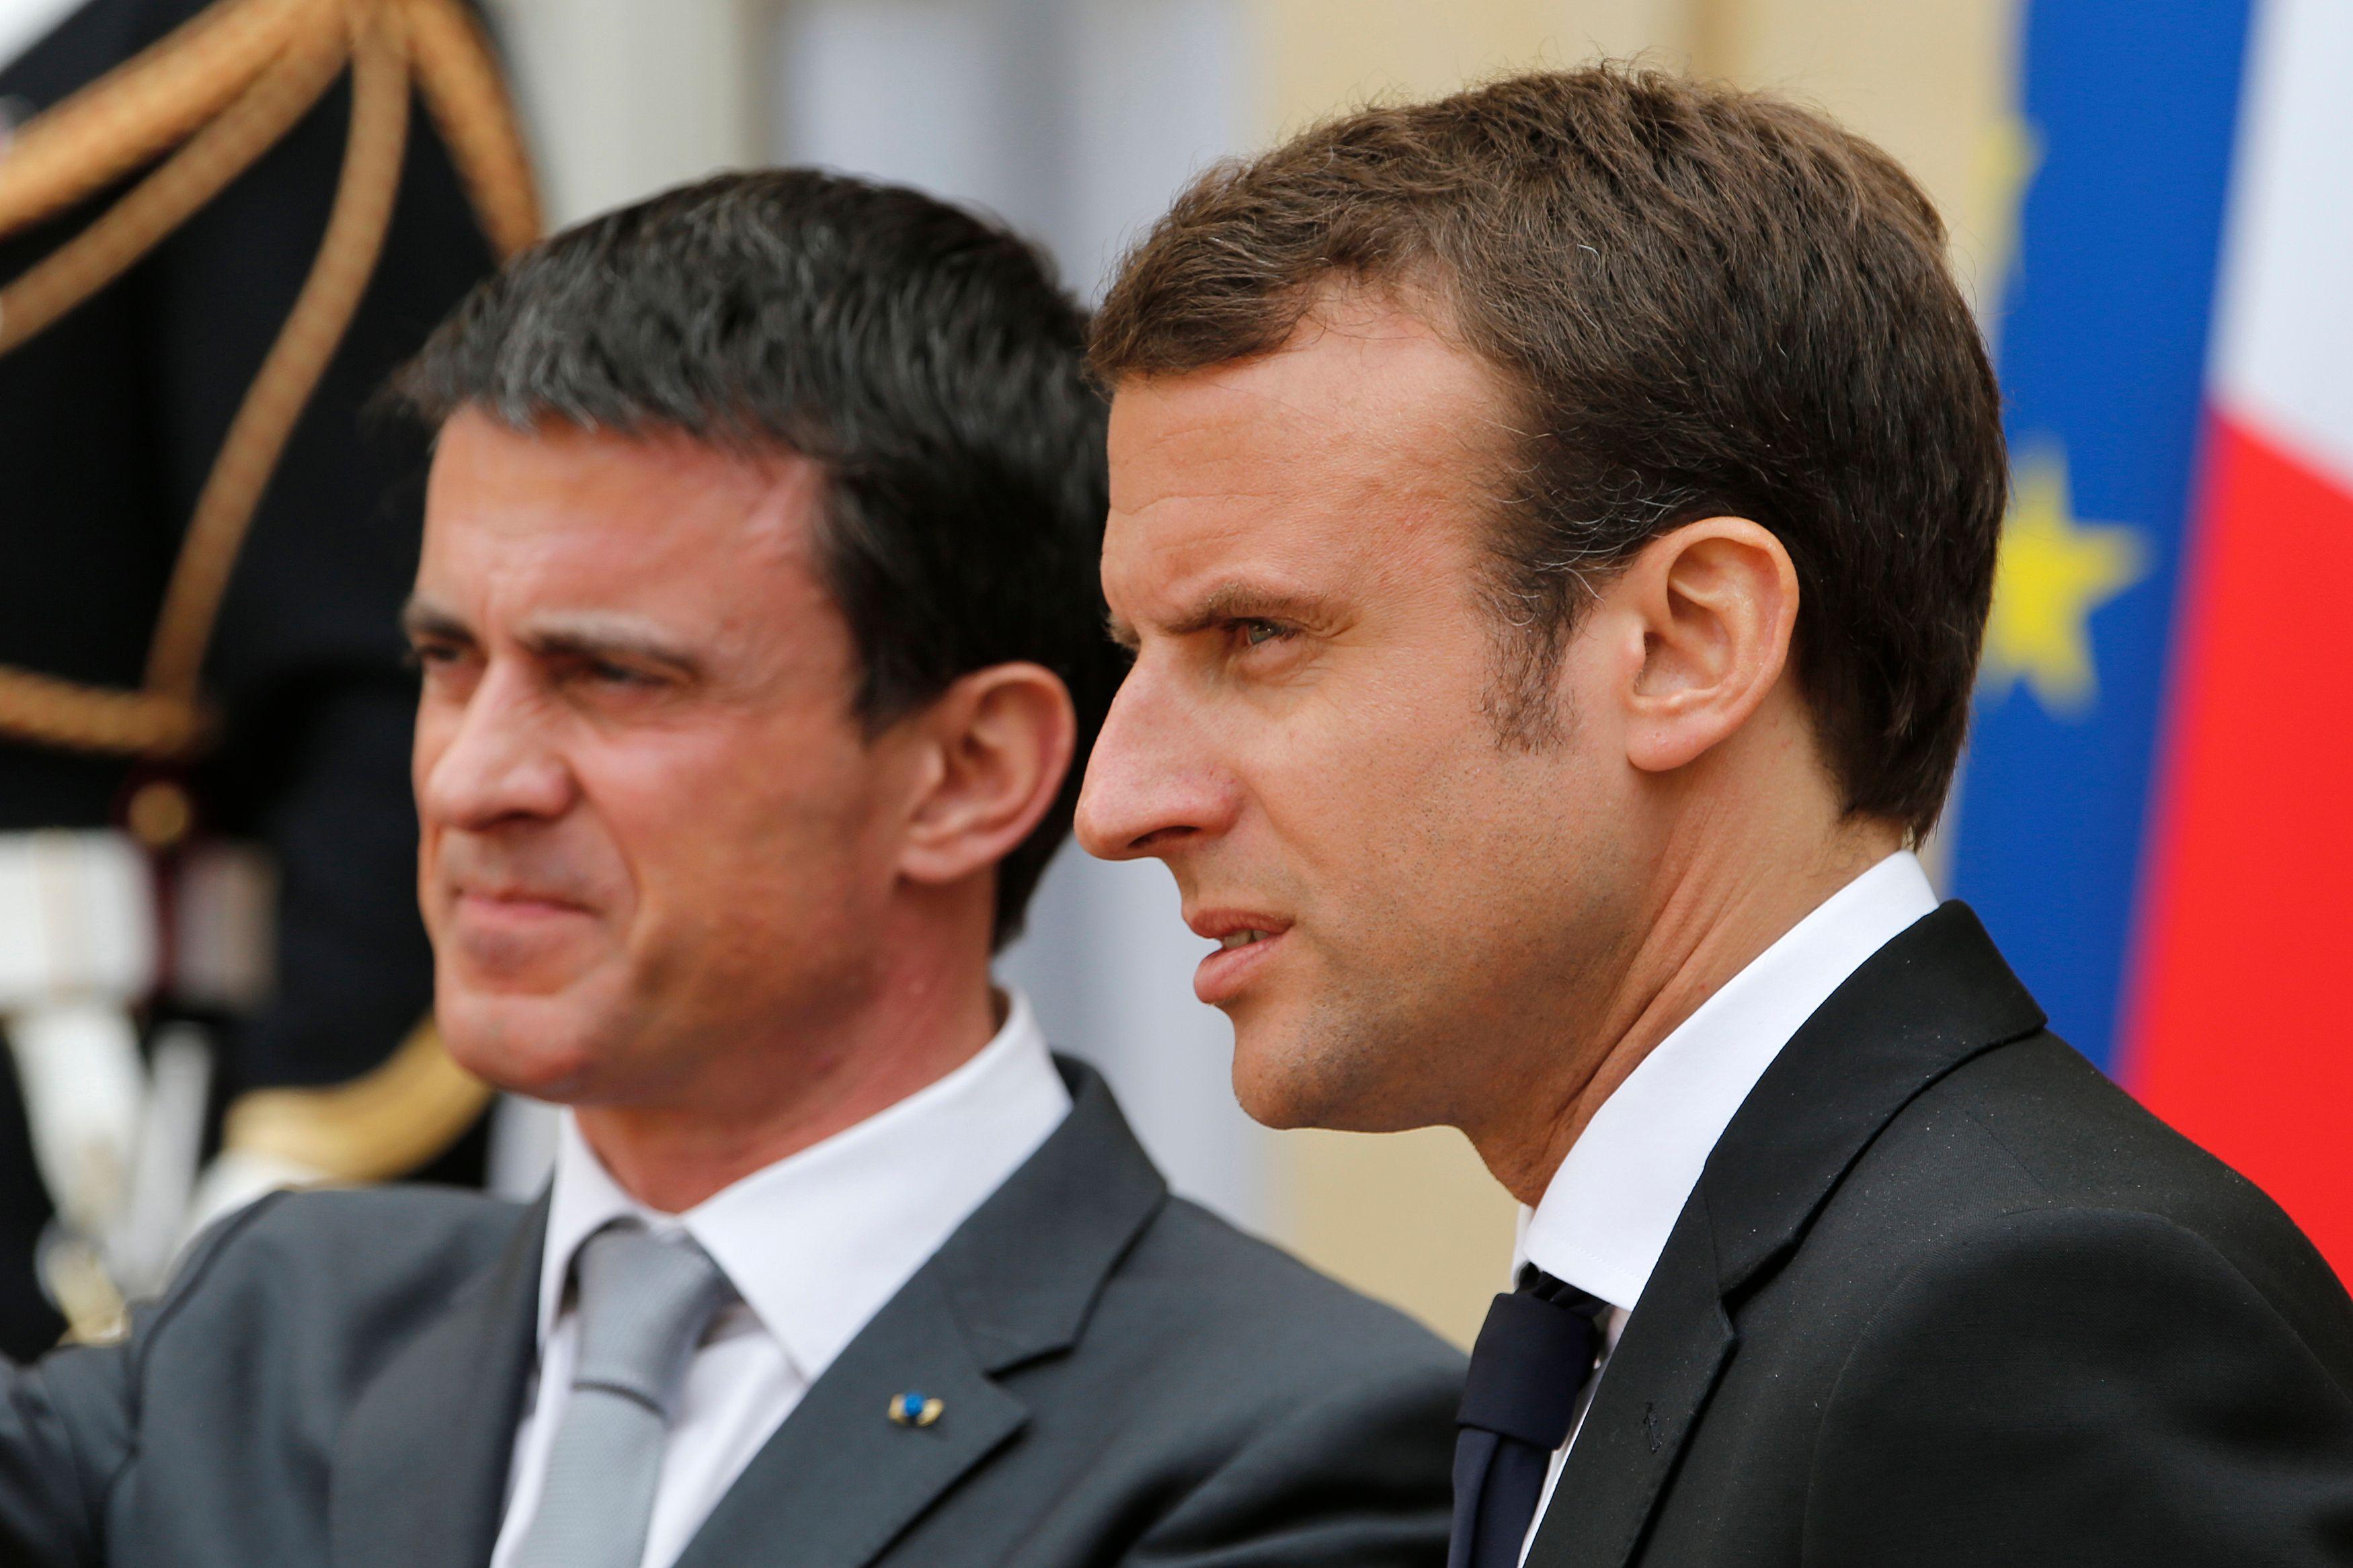 """Temps légal de travail et 35 heures : """"pas de remise en cause"""" selon Valls, Macron rétropédale"""